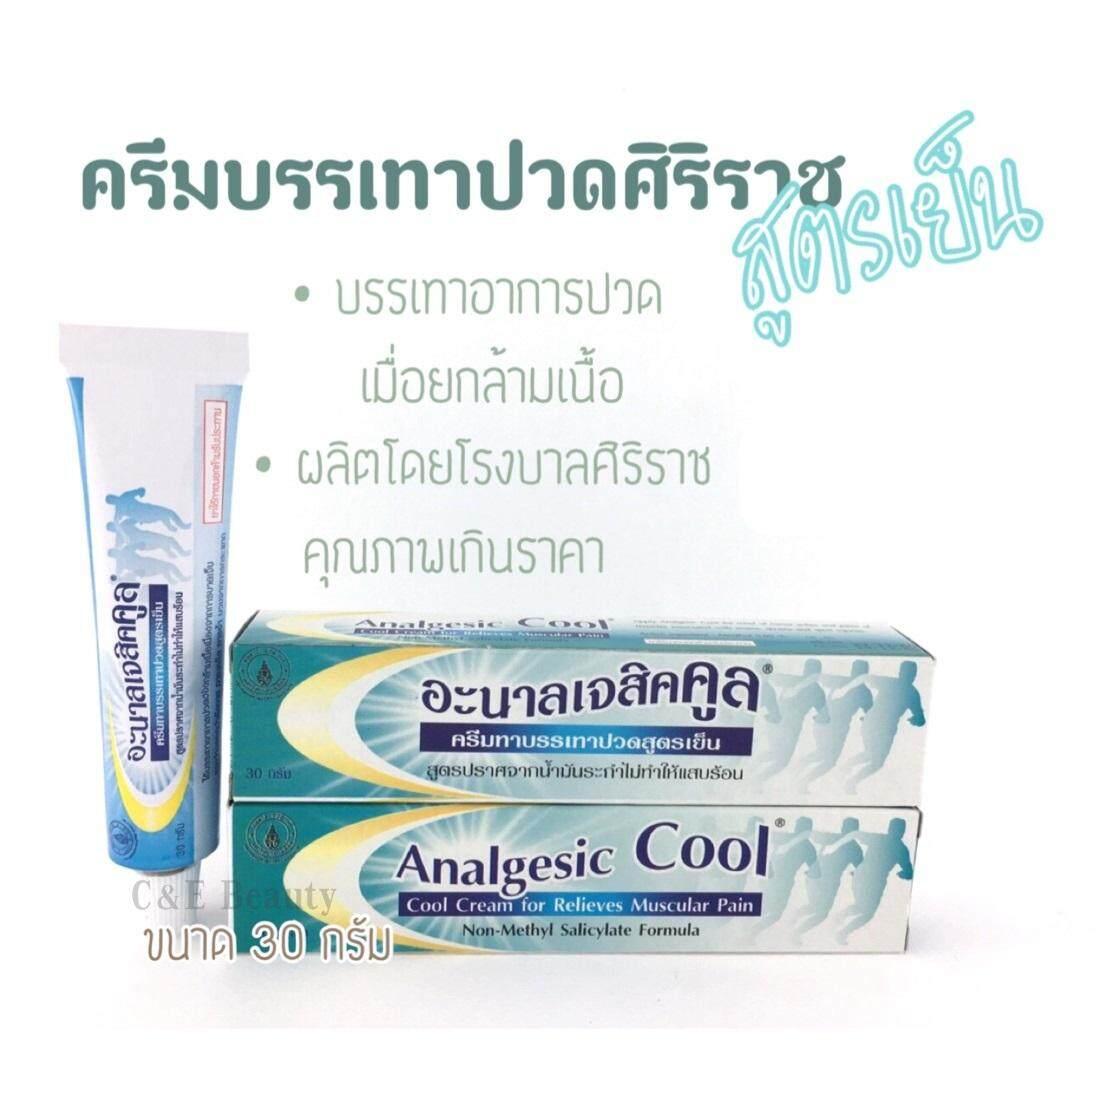 (2 หลอด) ครีมบรรเทาปวด ศิริราช สูตรเย็น Analgesic Cool cream